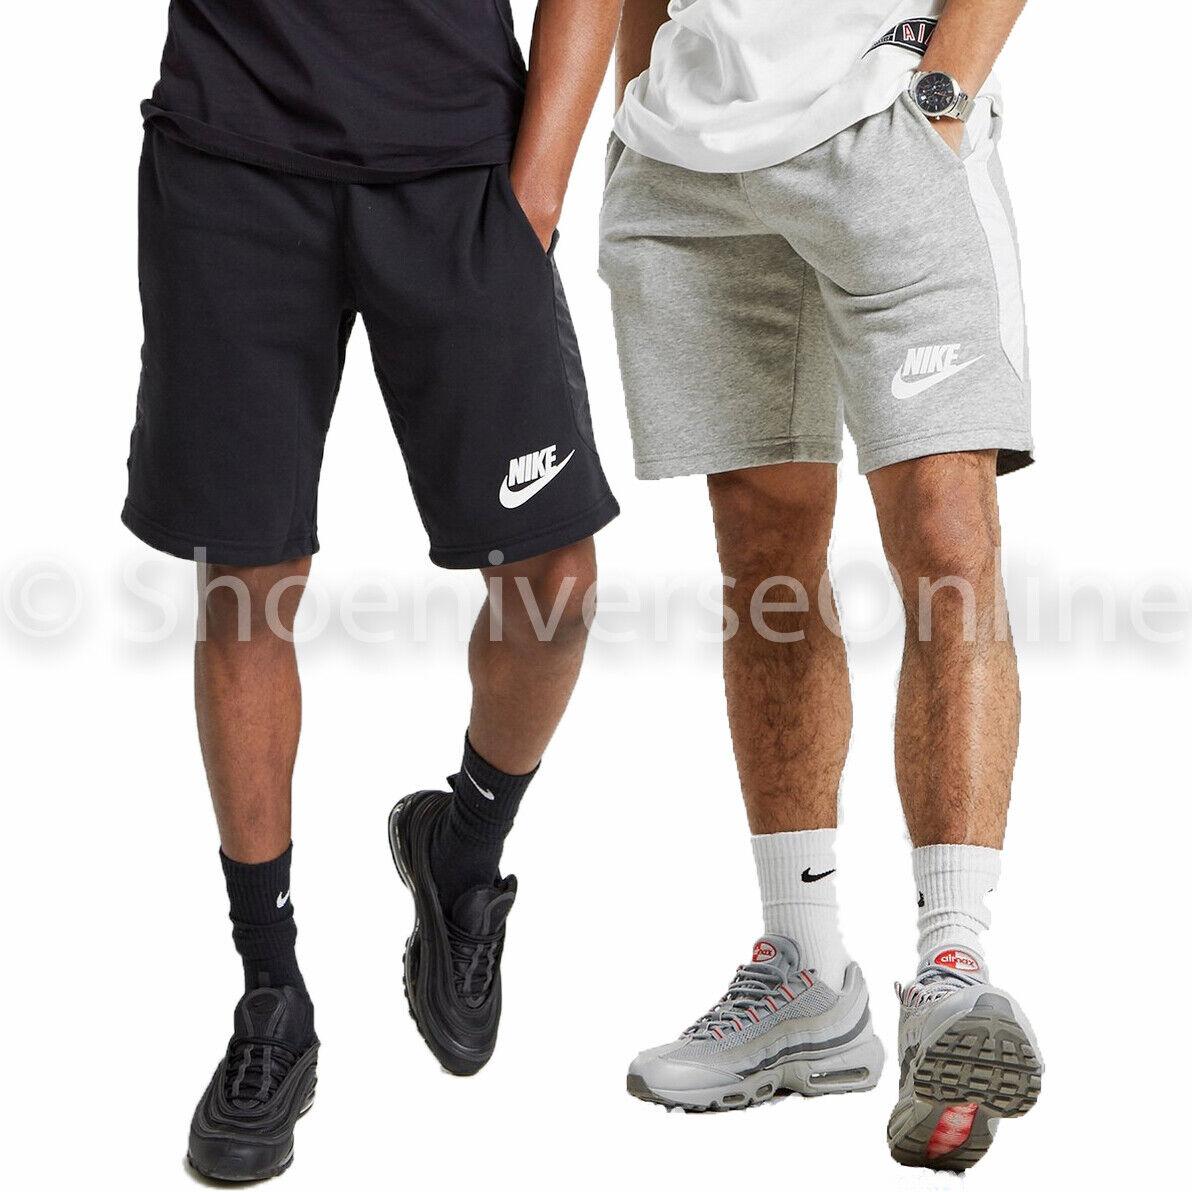 Men's Nike Hybrid Cotton Fleece Shorts Dri FIT Black Grey BV4932 091 063